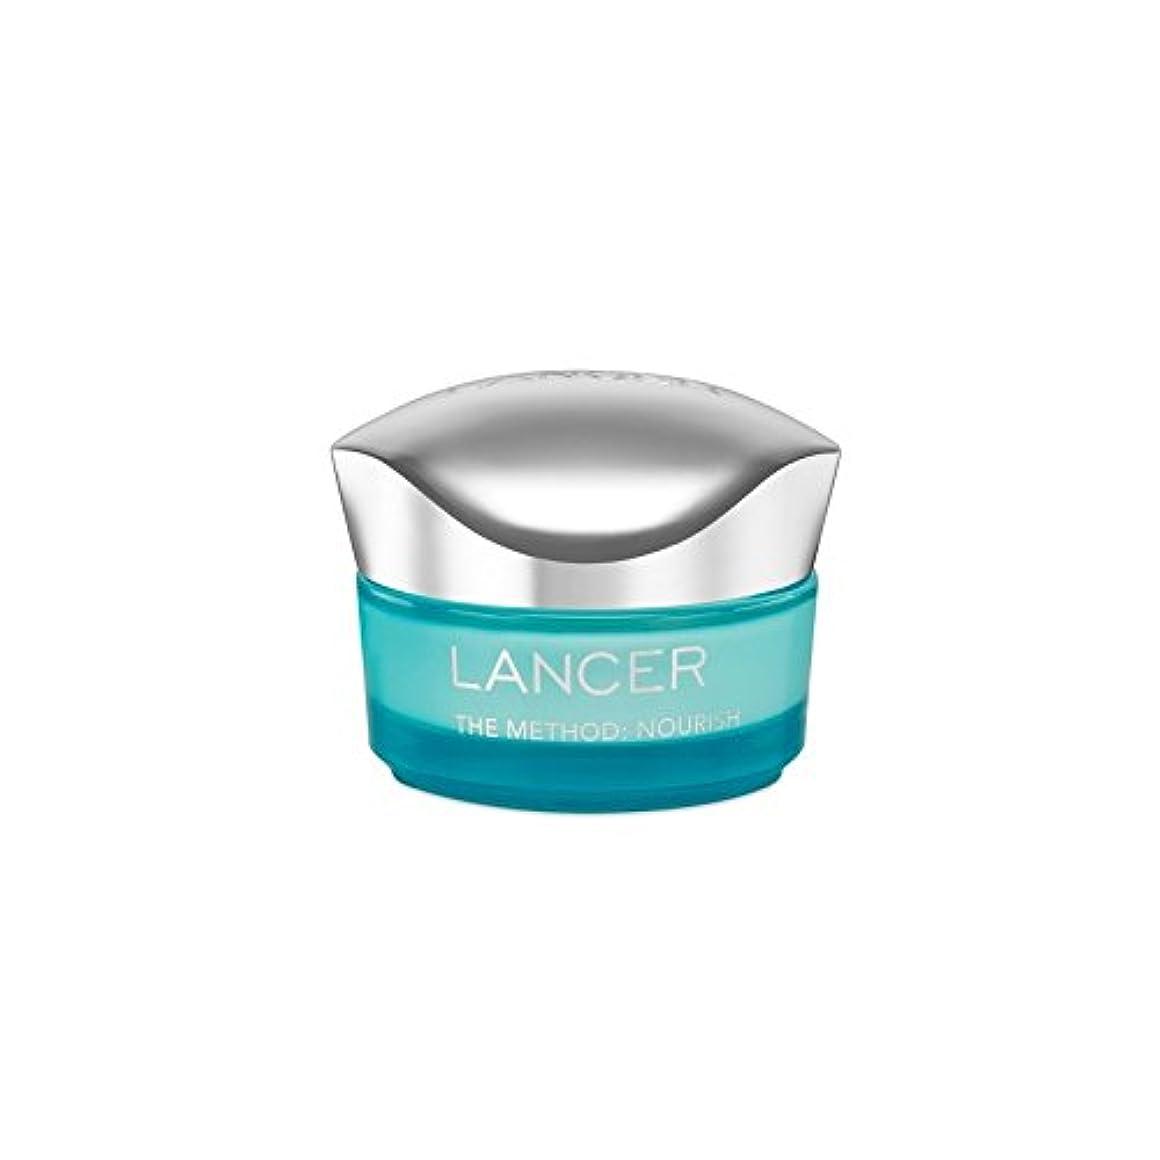 夜明けに高度登るLancer Skincare The Method: Nourish Moisturiser (50ml) (Pack of 6) - ランサーは、この方法をスキンケア:モイスチャライザー(50)に栄養を与えます x6 [並行輸入品]